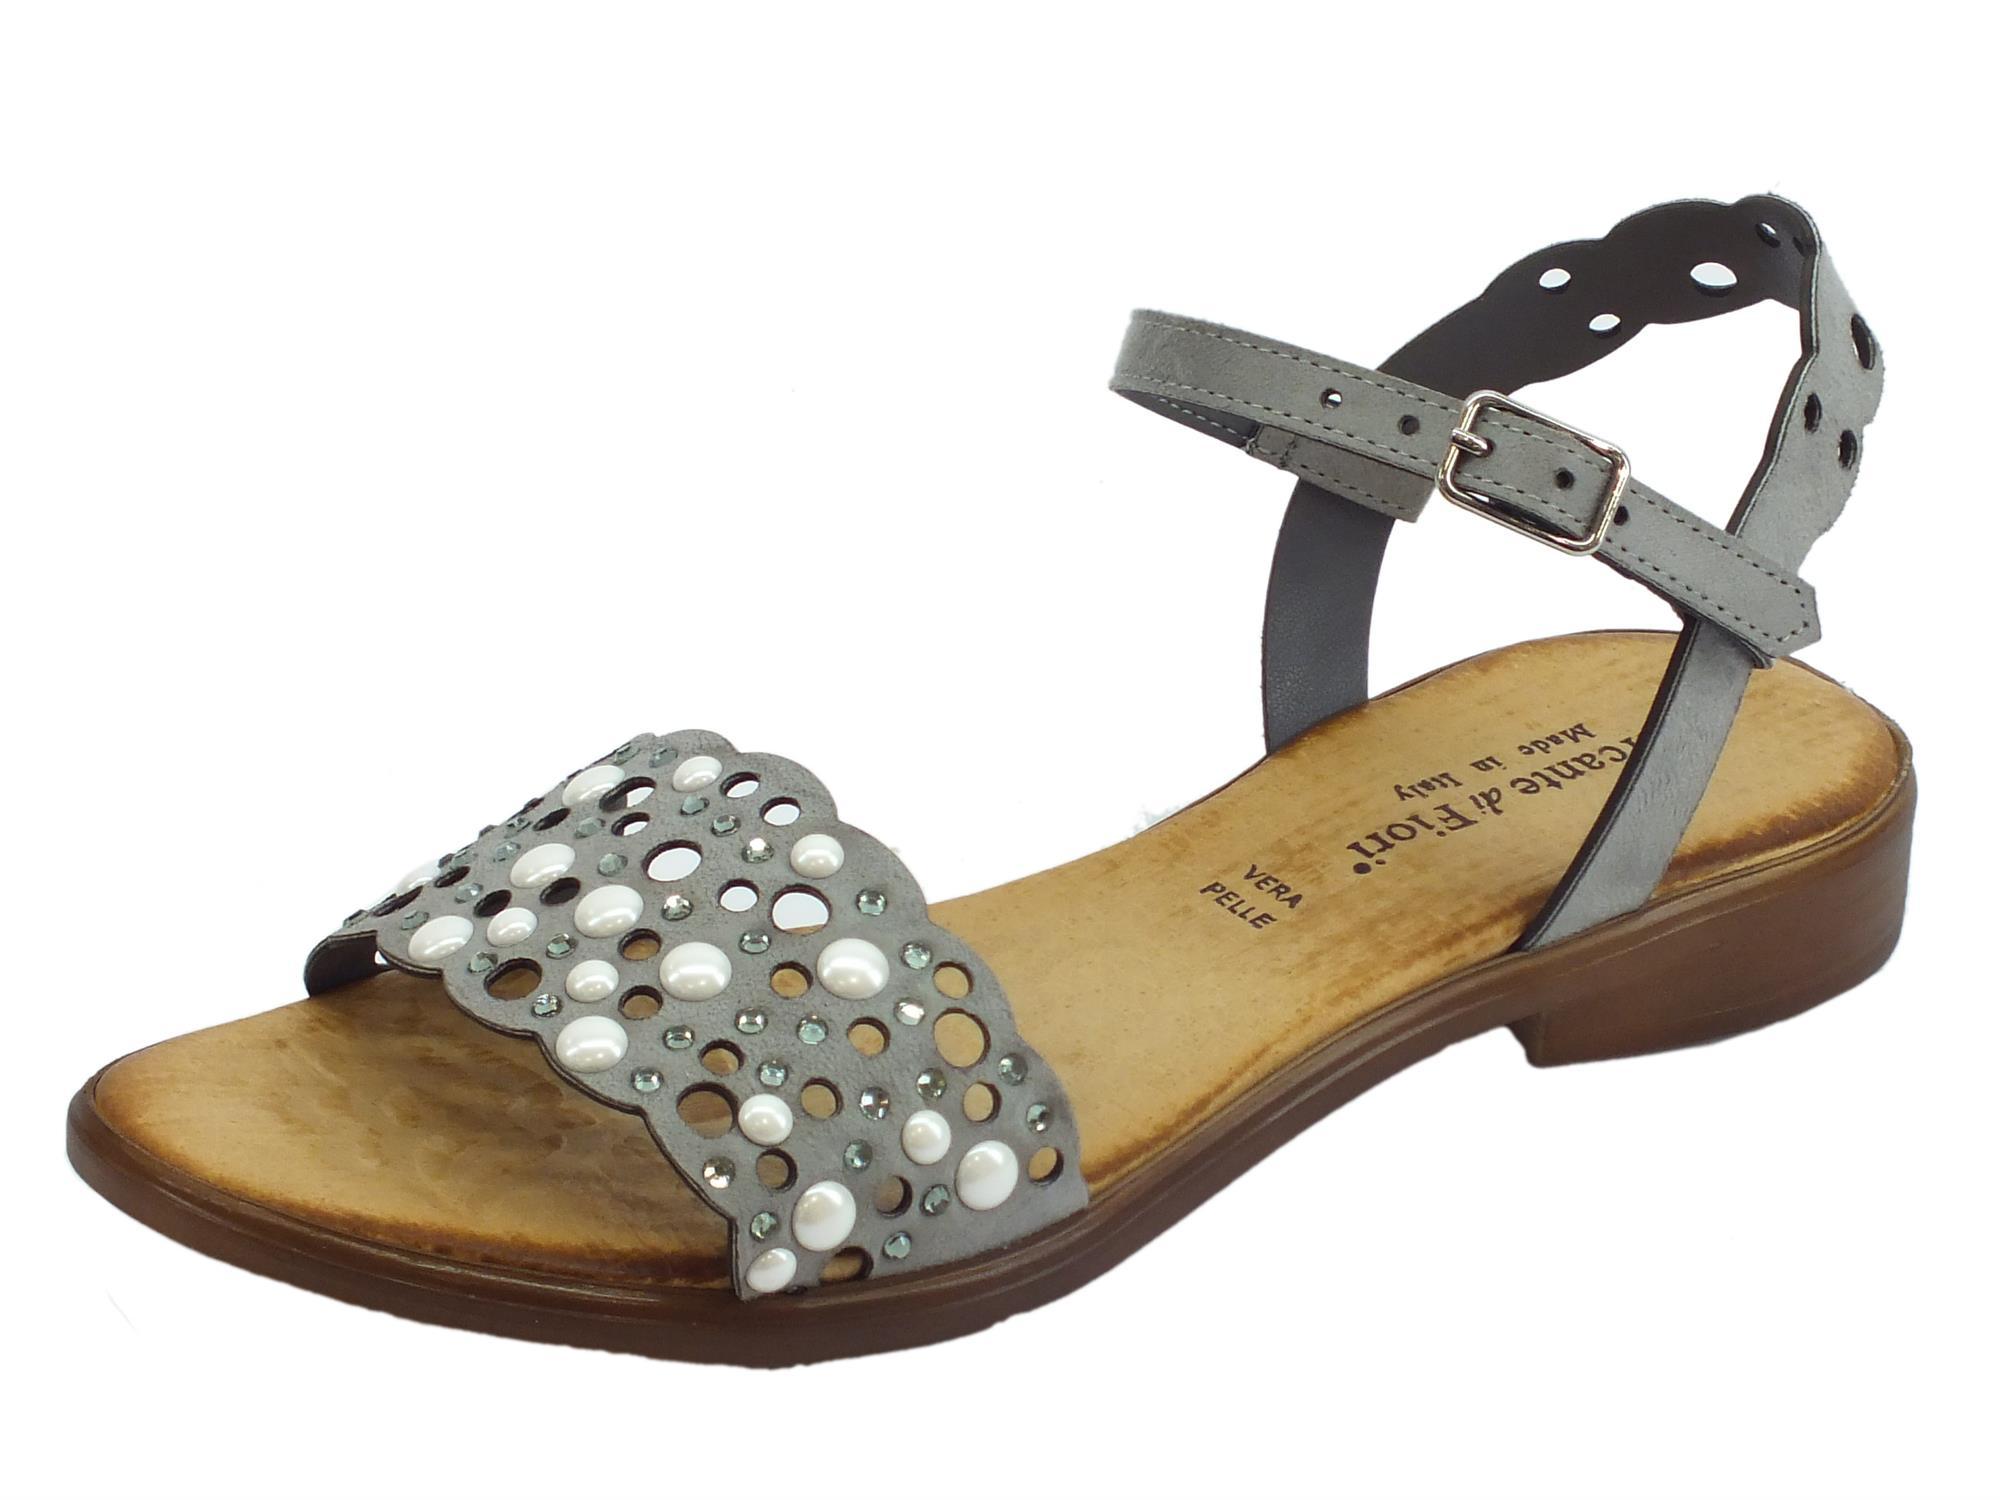 Sandali Mercante di Fiori con tacchetto in pelle grigia traforata con  borchiette bianche 8d38109e818